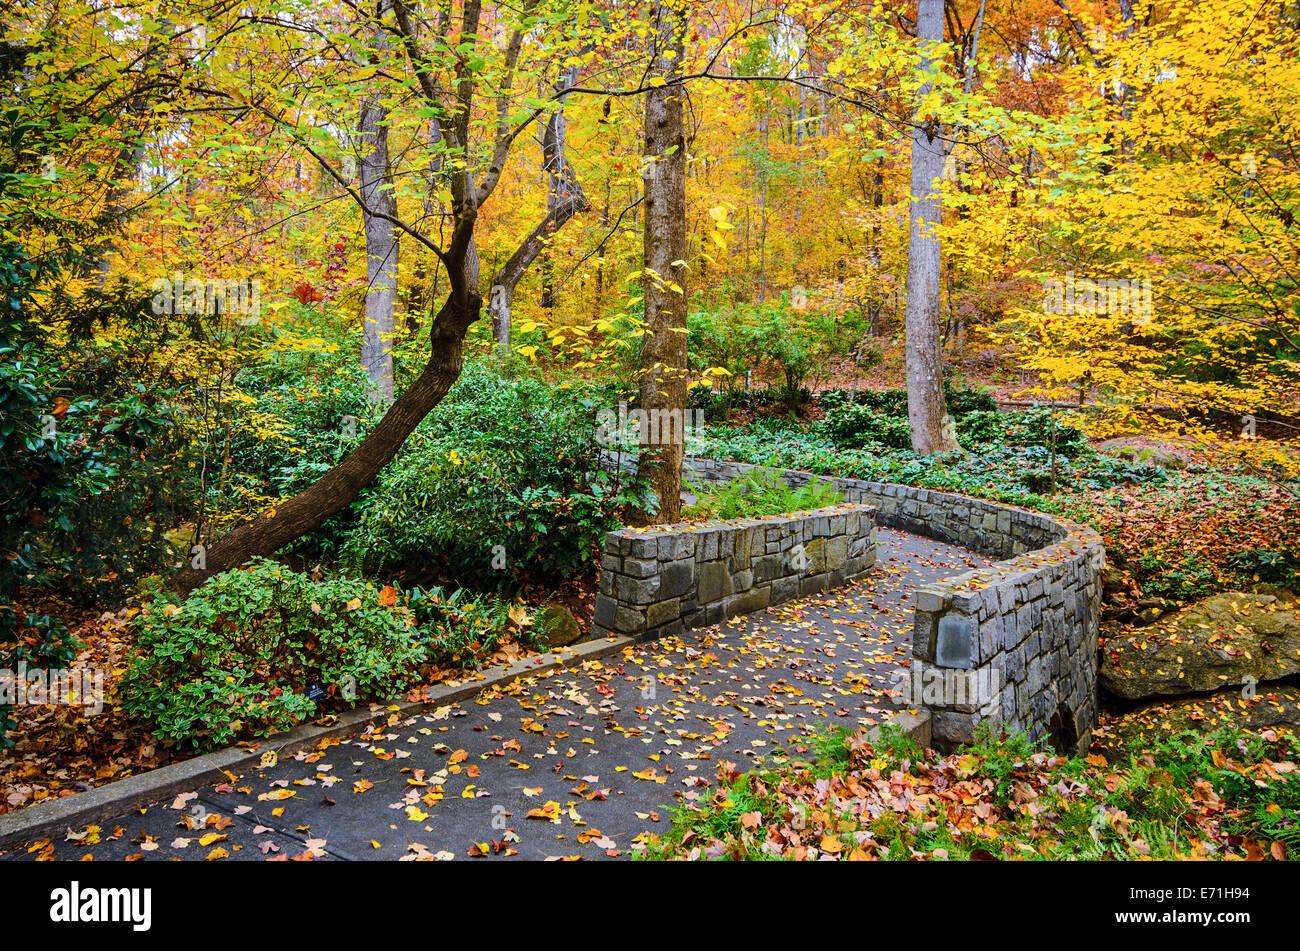 Herbst-Trail in botanischen Gärten in Athens, Georgia, USA. Stockbild